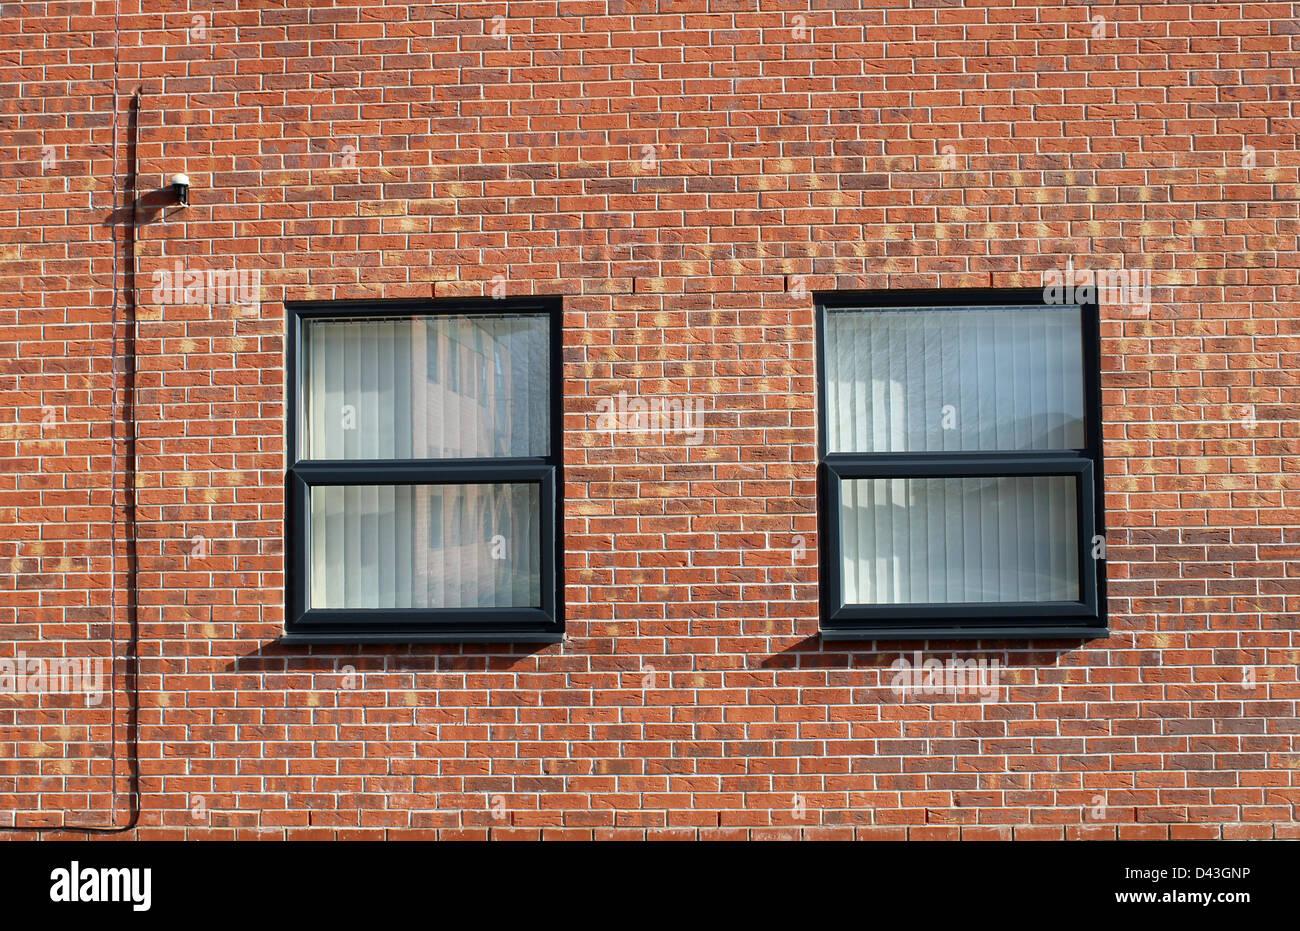 Ventanas en pared de ladrillo del moderno edificio de oficinas. Imagen De Stock